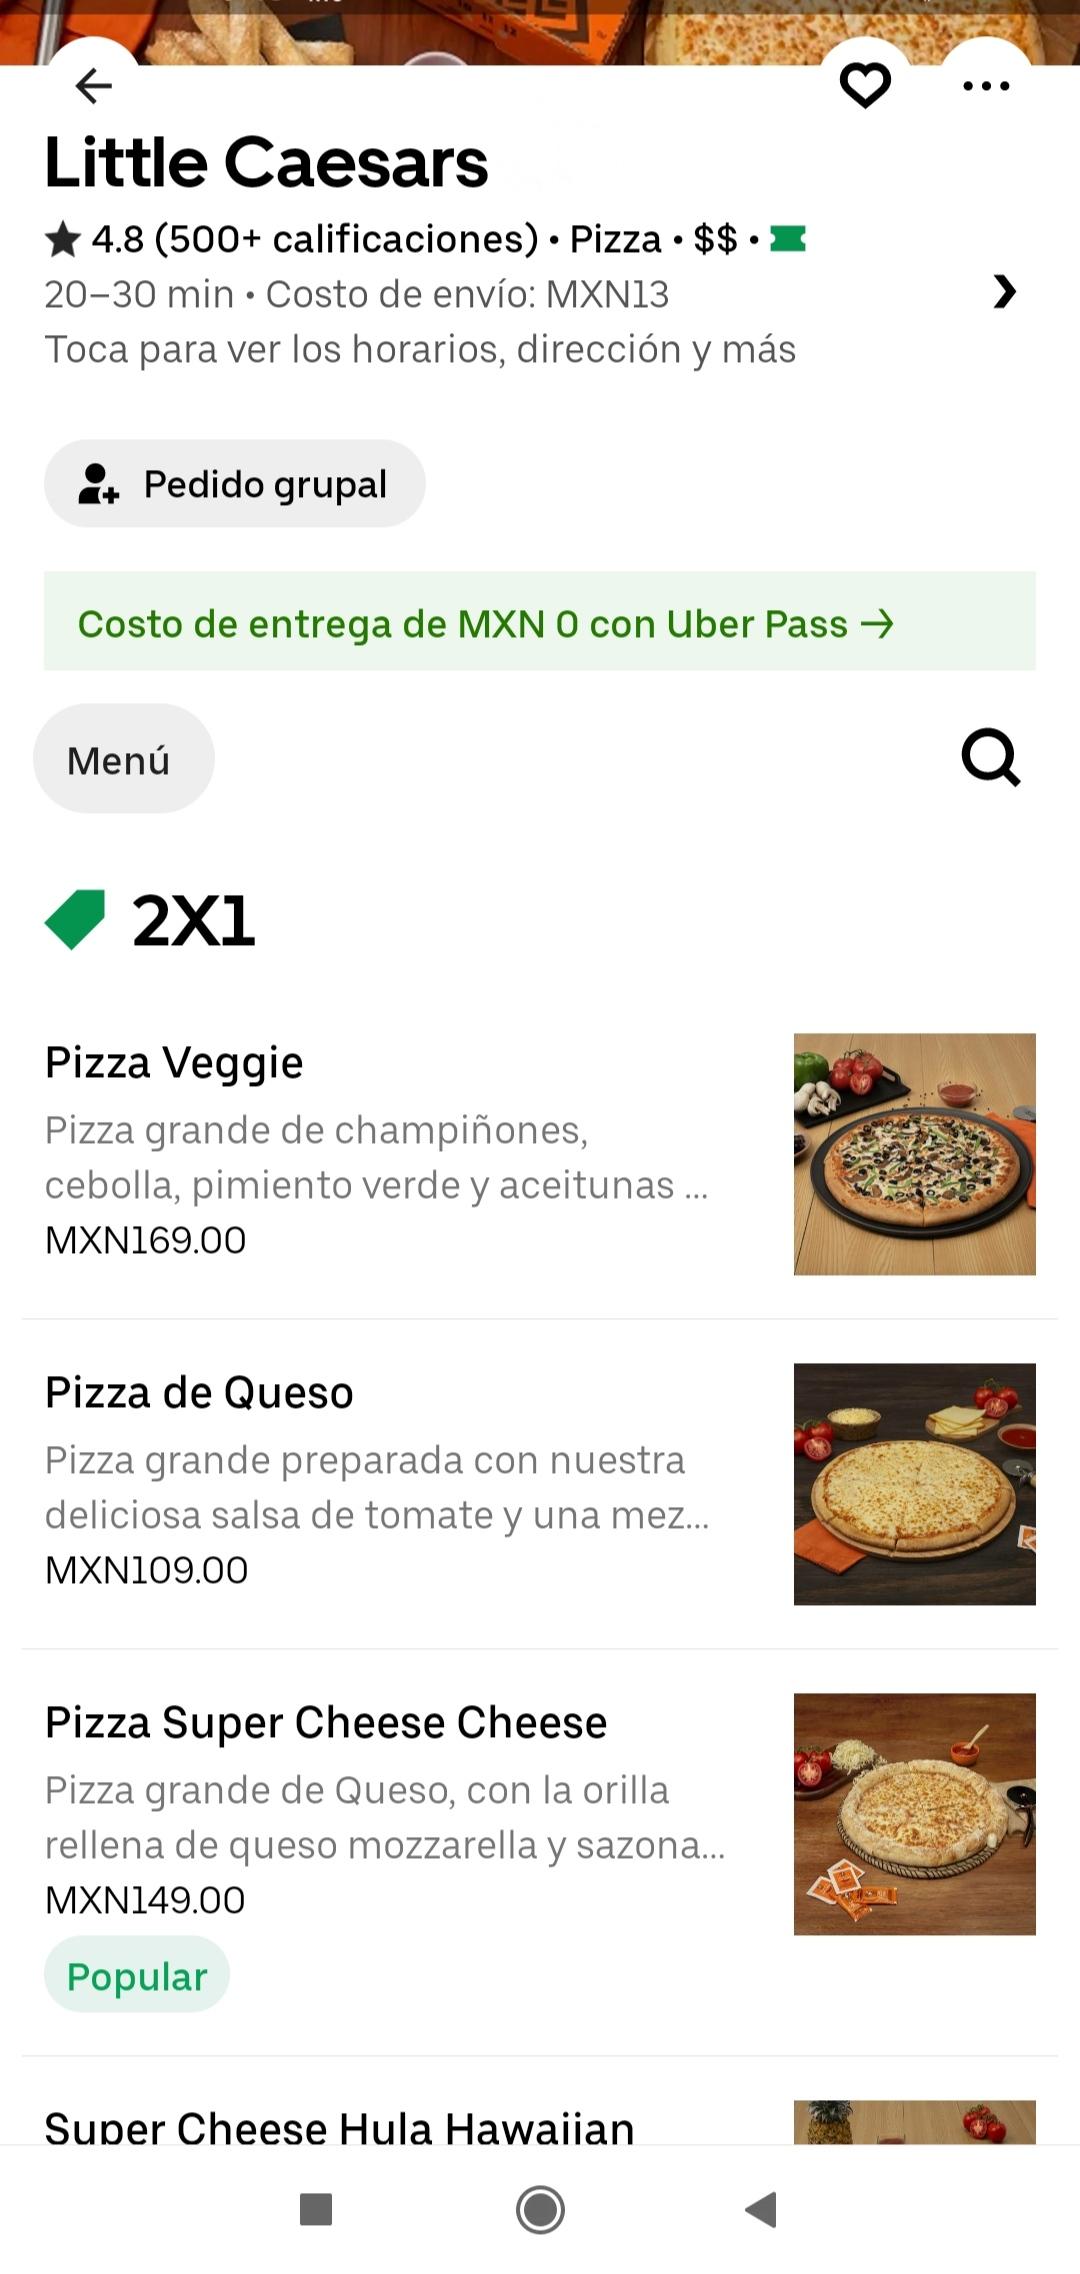 2x1 pizzas de Little Caesars por Uber Eats